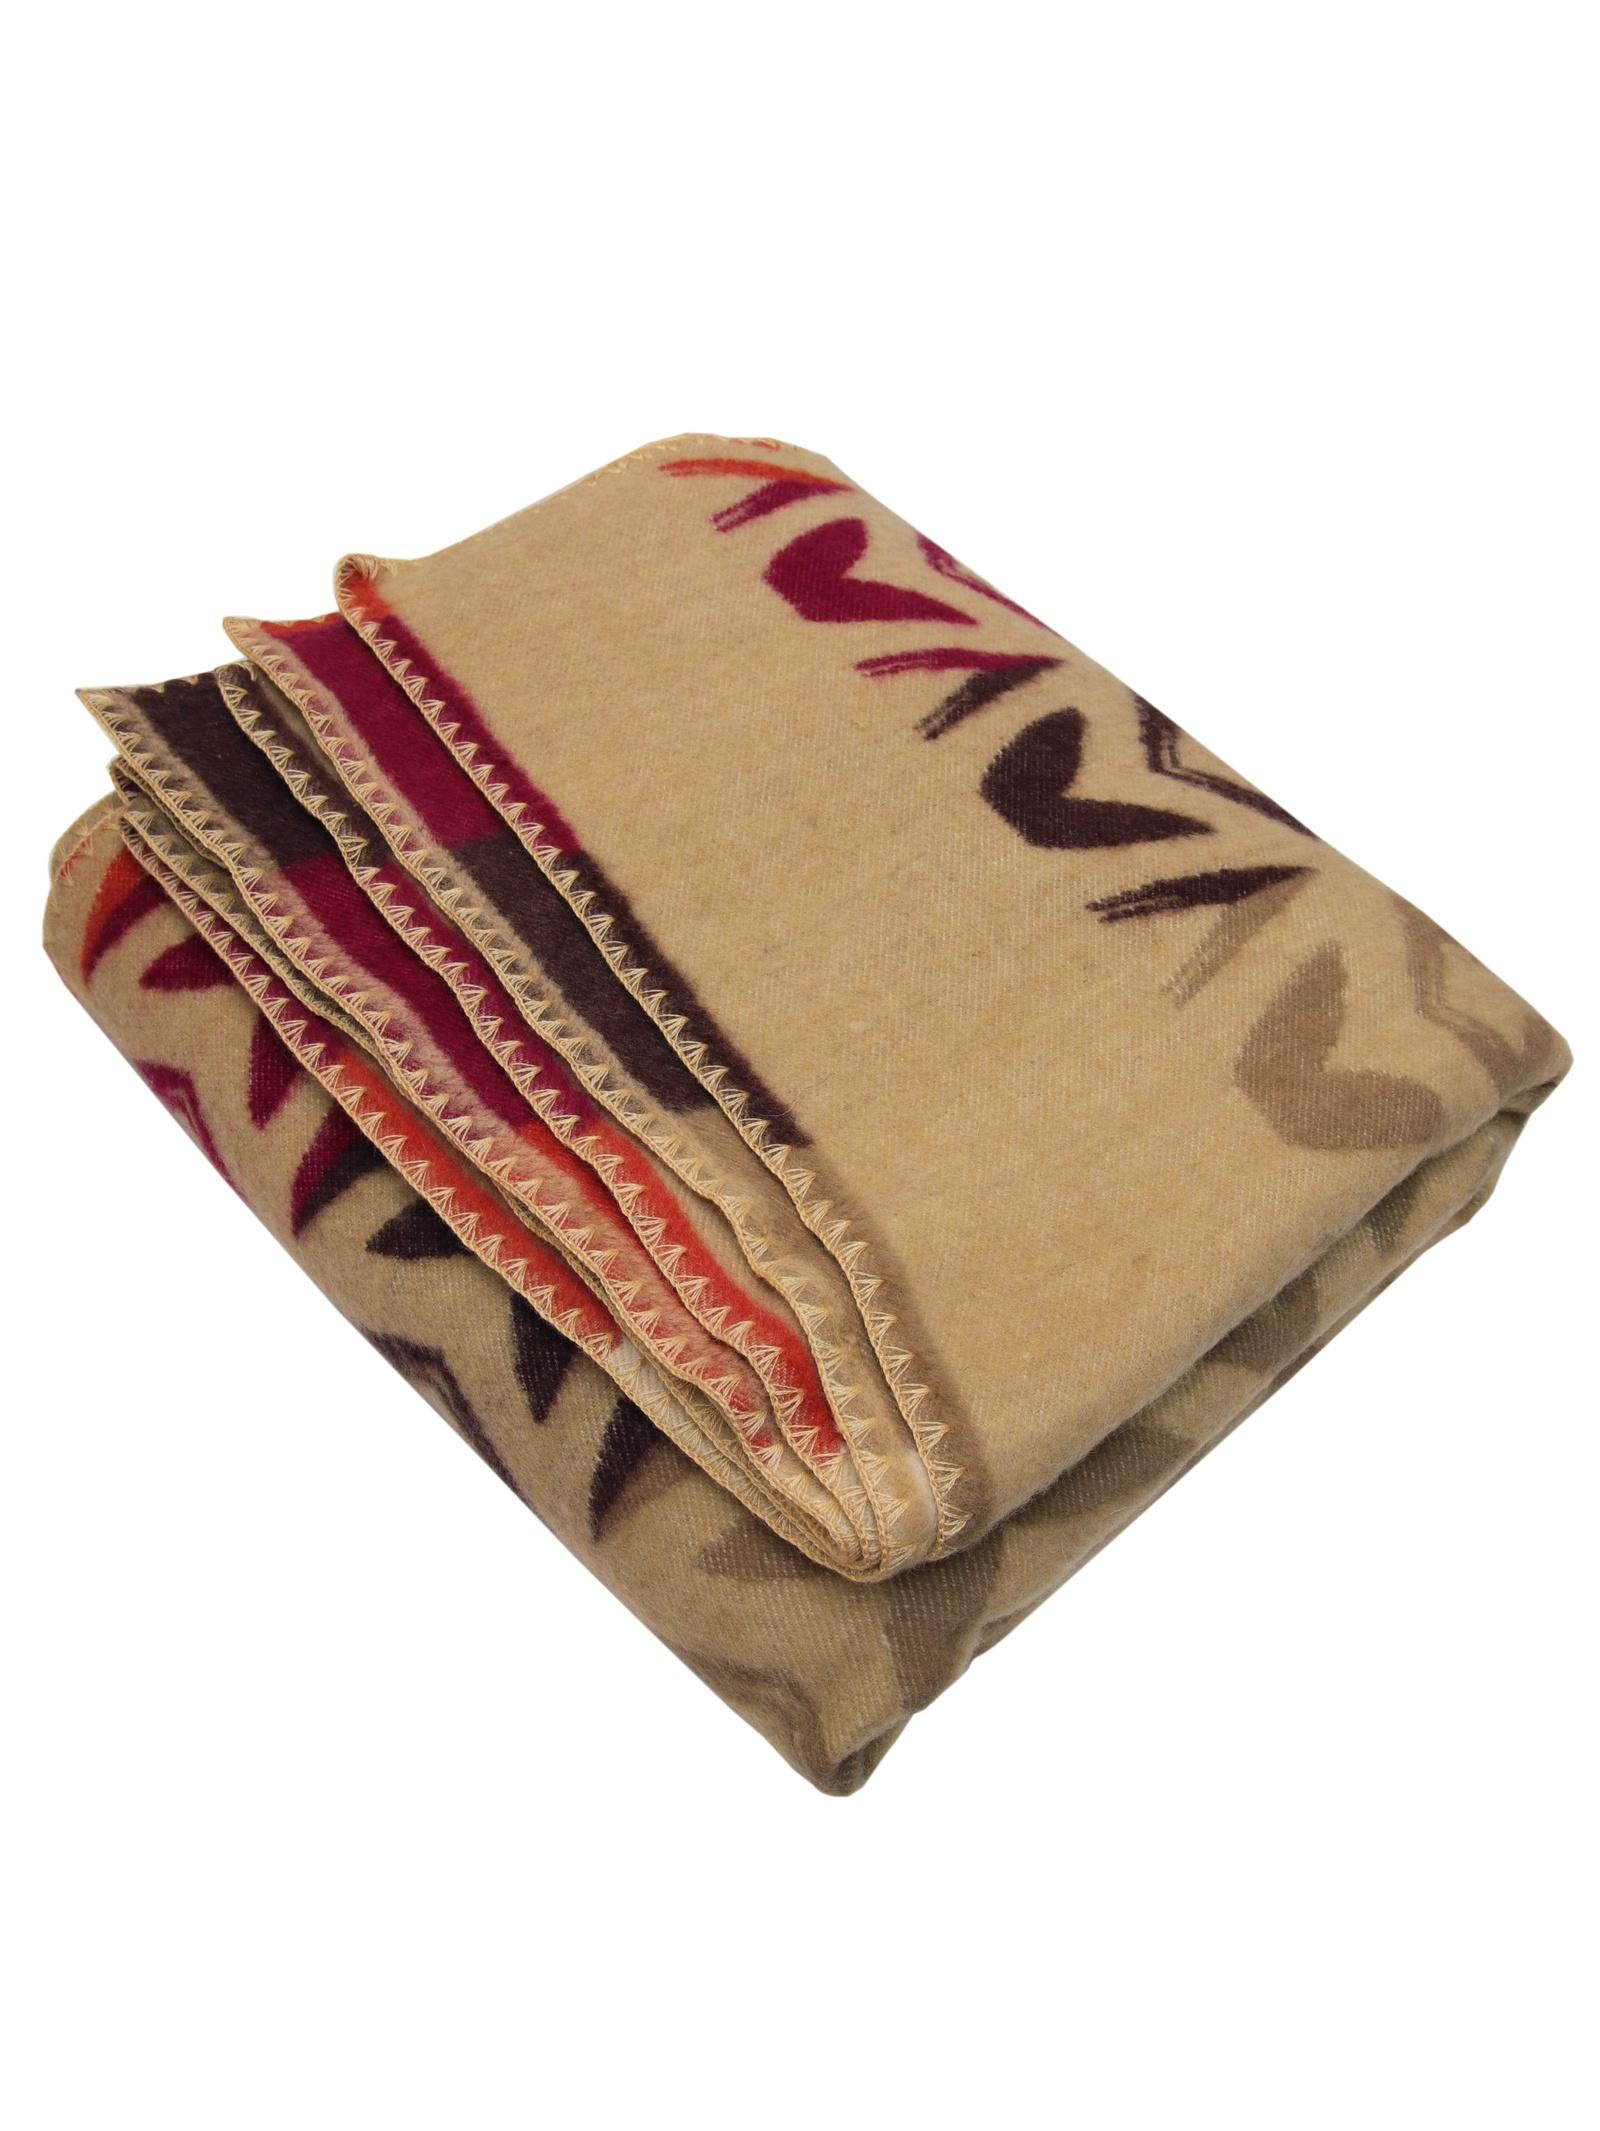 Одеяло Arloni 27359, бежевый, бордовый полутороспальное одеяло arloni лоретта кассетное 140х205 теплое 140 17 03 эб